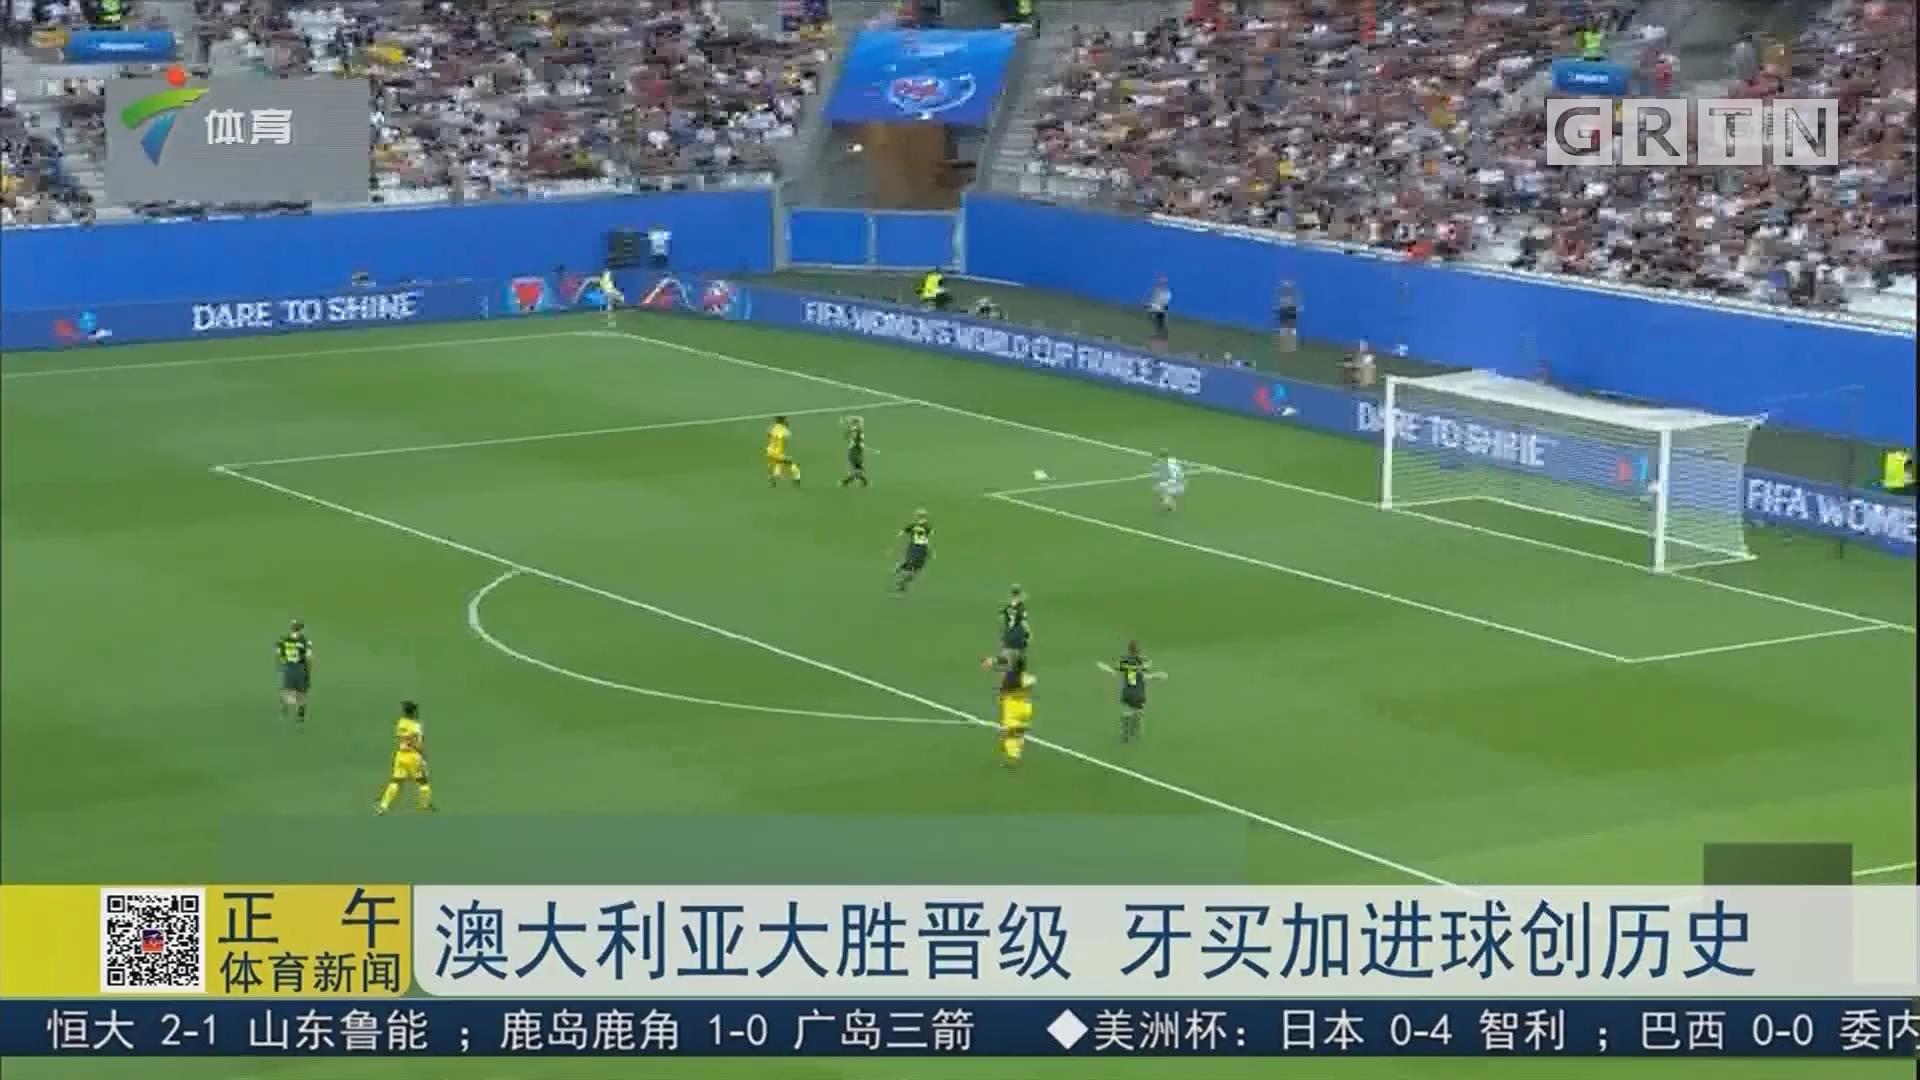 澳大利亚大胜晋级 牙买加进球创历史